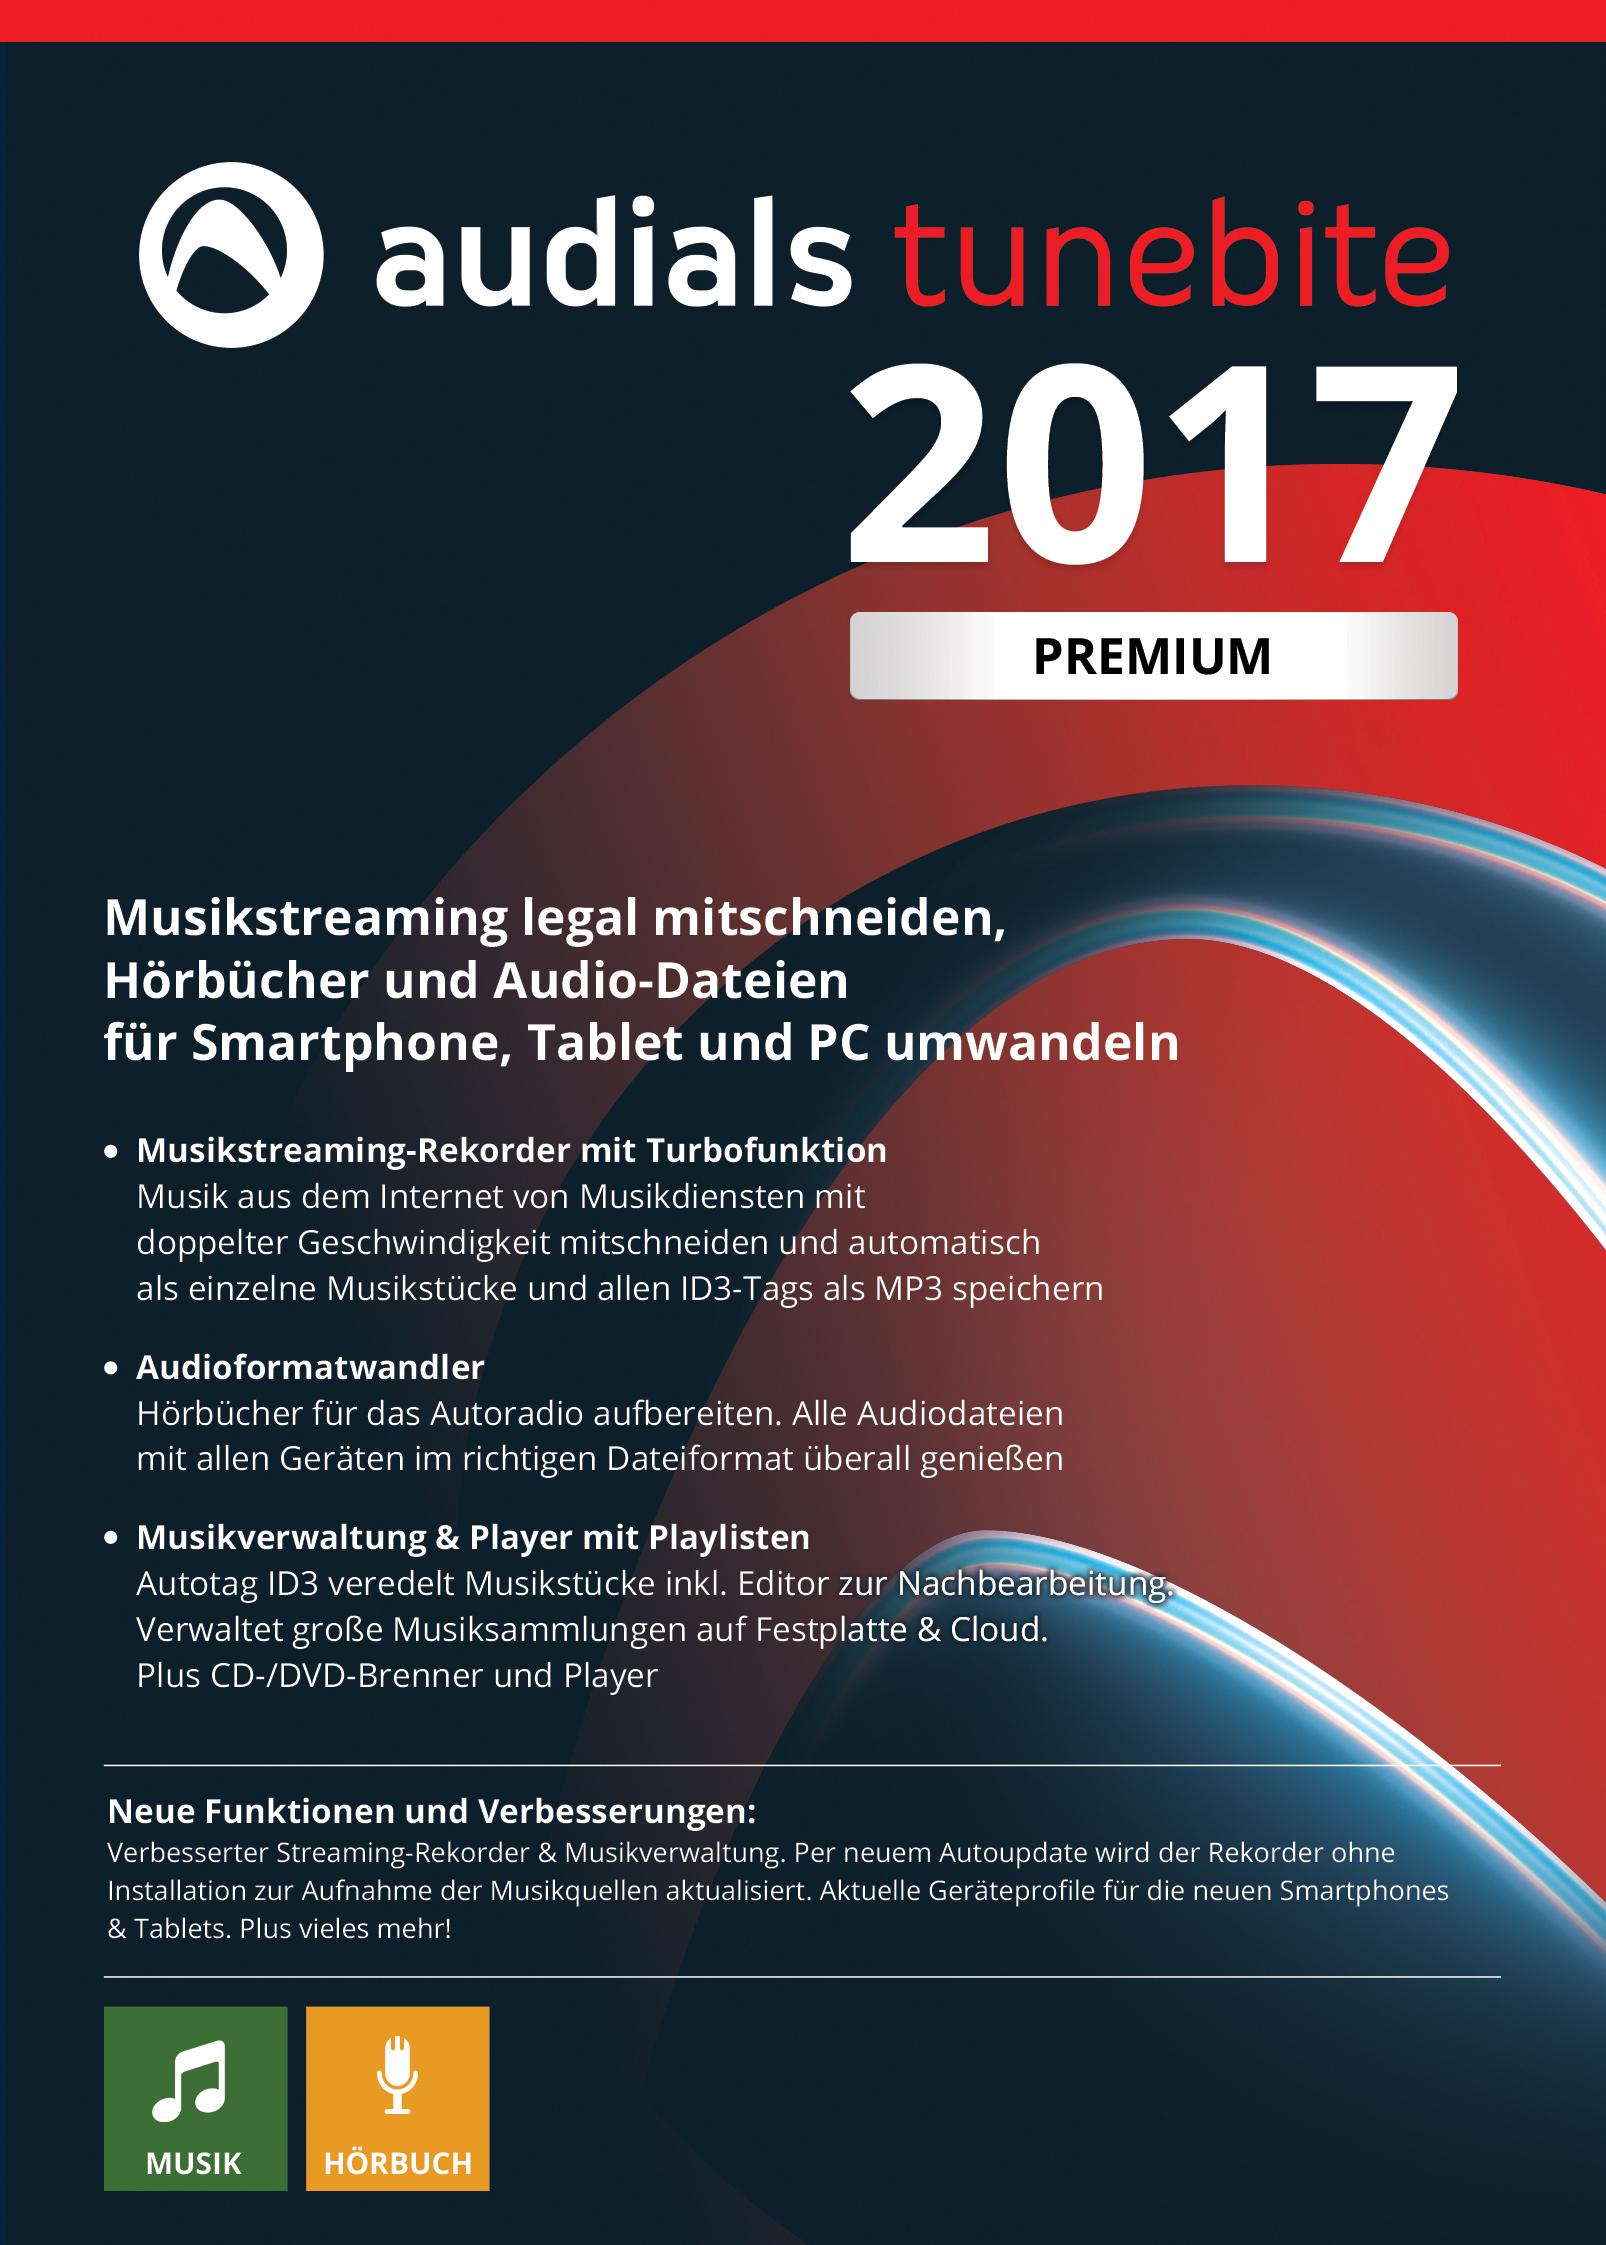 audials-tunebite-2017-premium-speichere-ganz-einfach-musik-von-bezahldiensten-und-internetseiten-dow